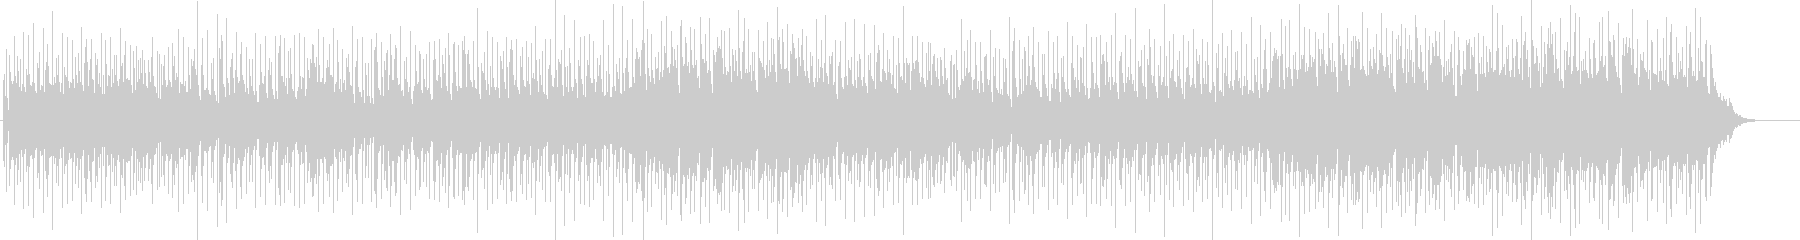 フレキシブルなミディアム・フュージョンの未再生の波形